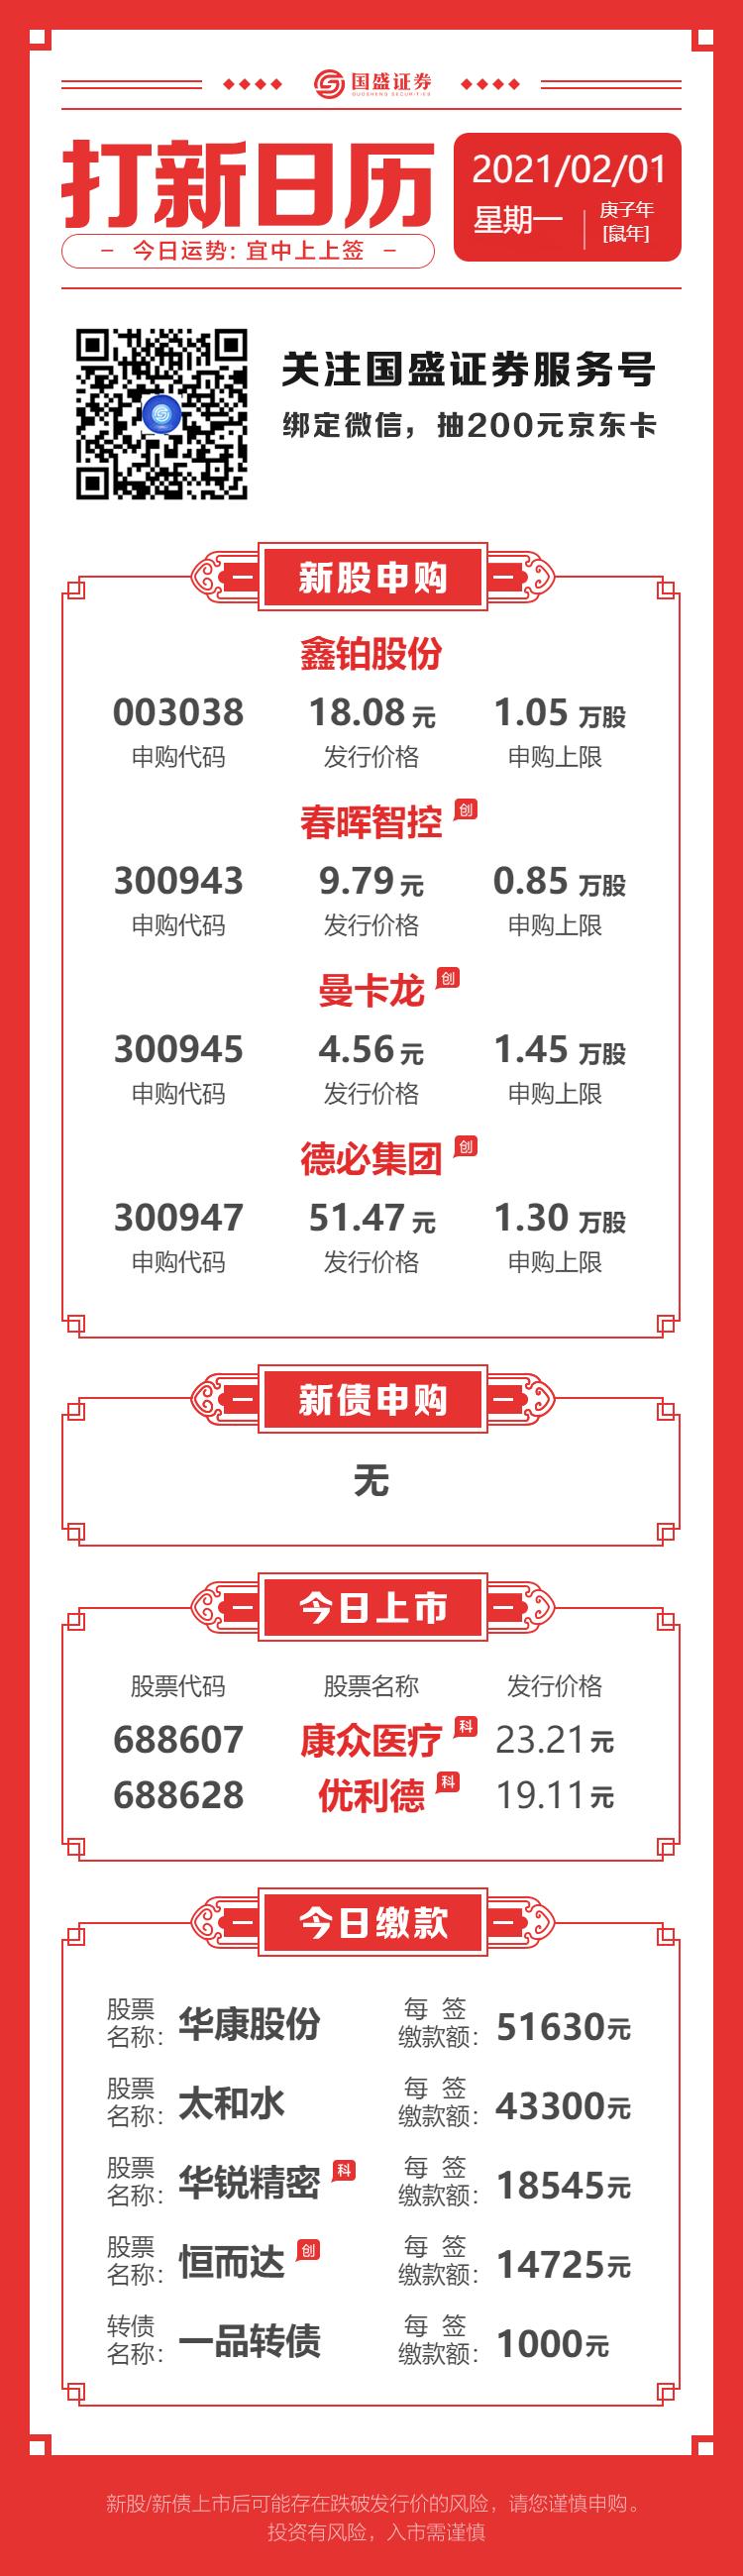 今日申购:鑫铂股份、春晖智控、曼卡龙、德必集团